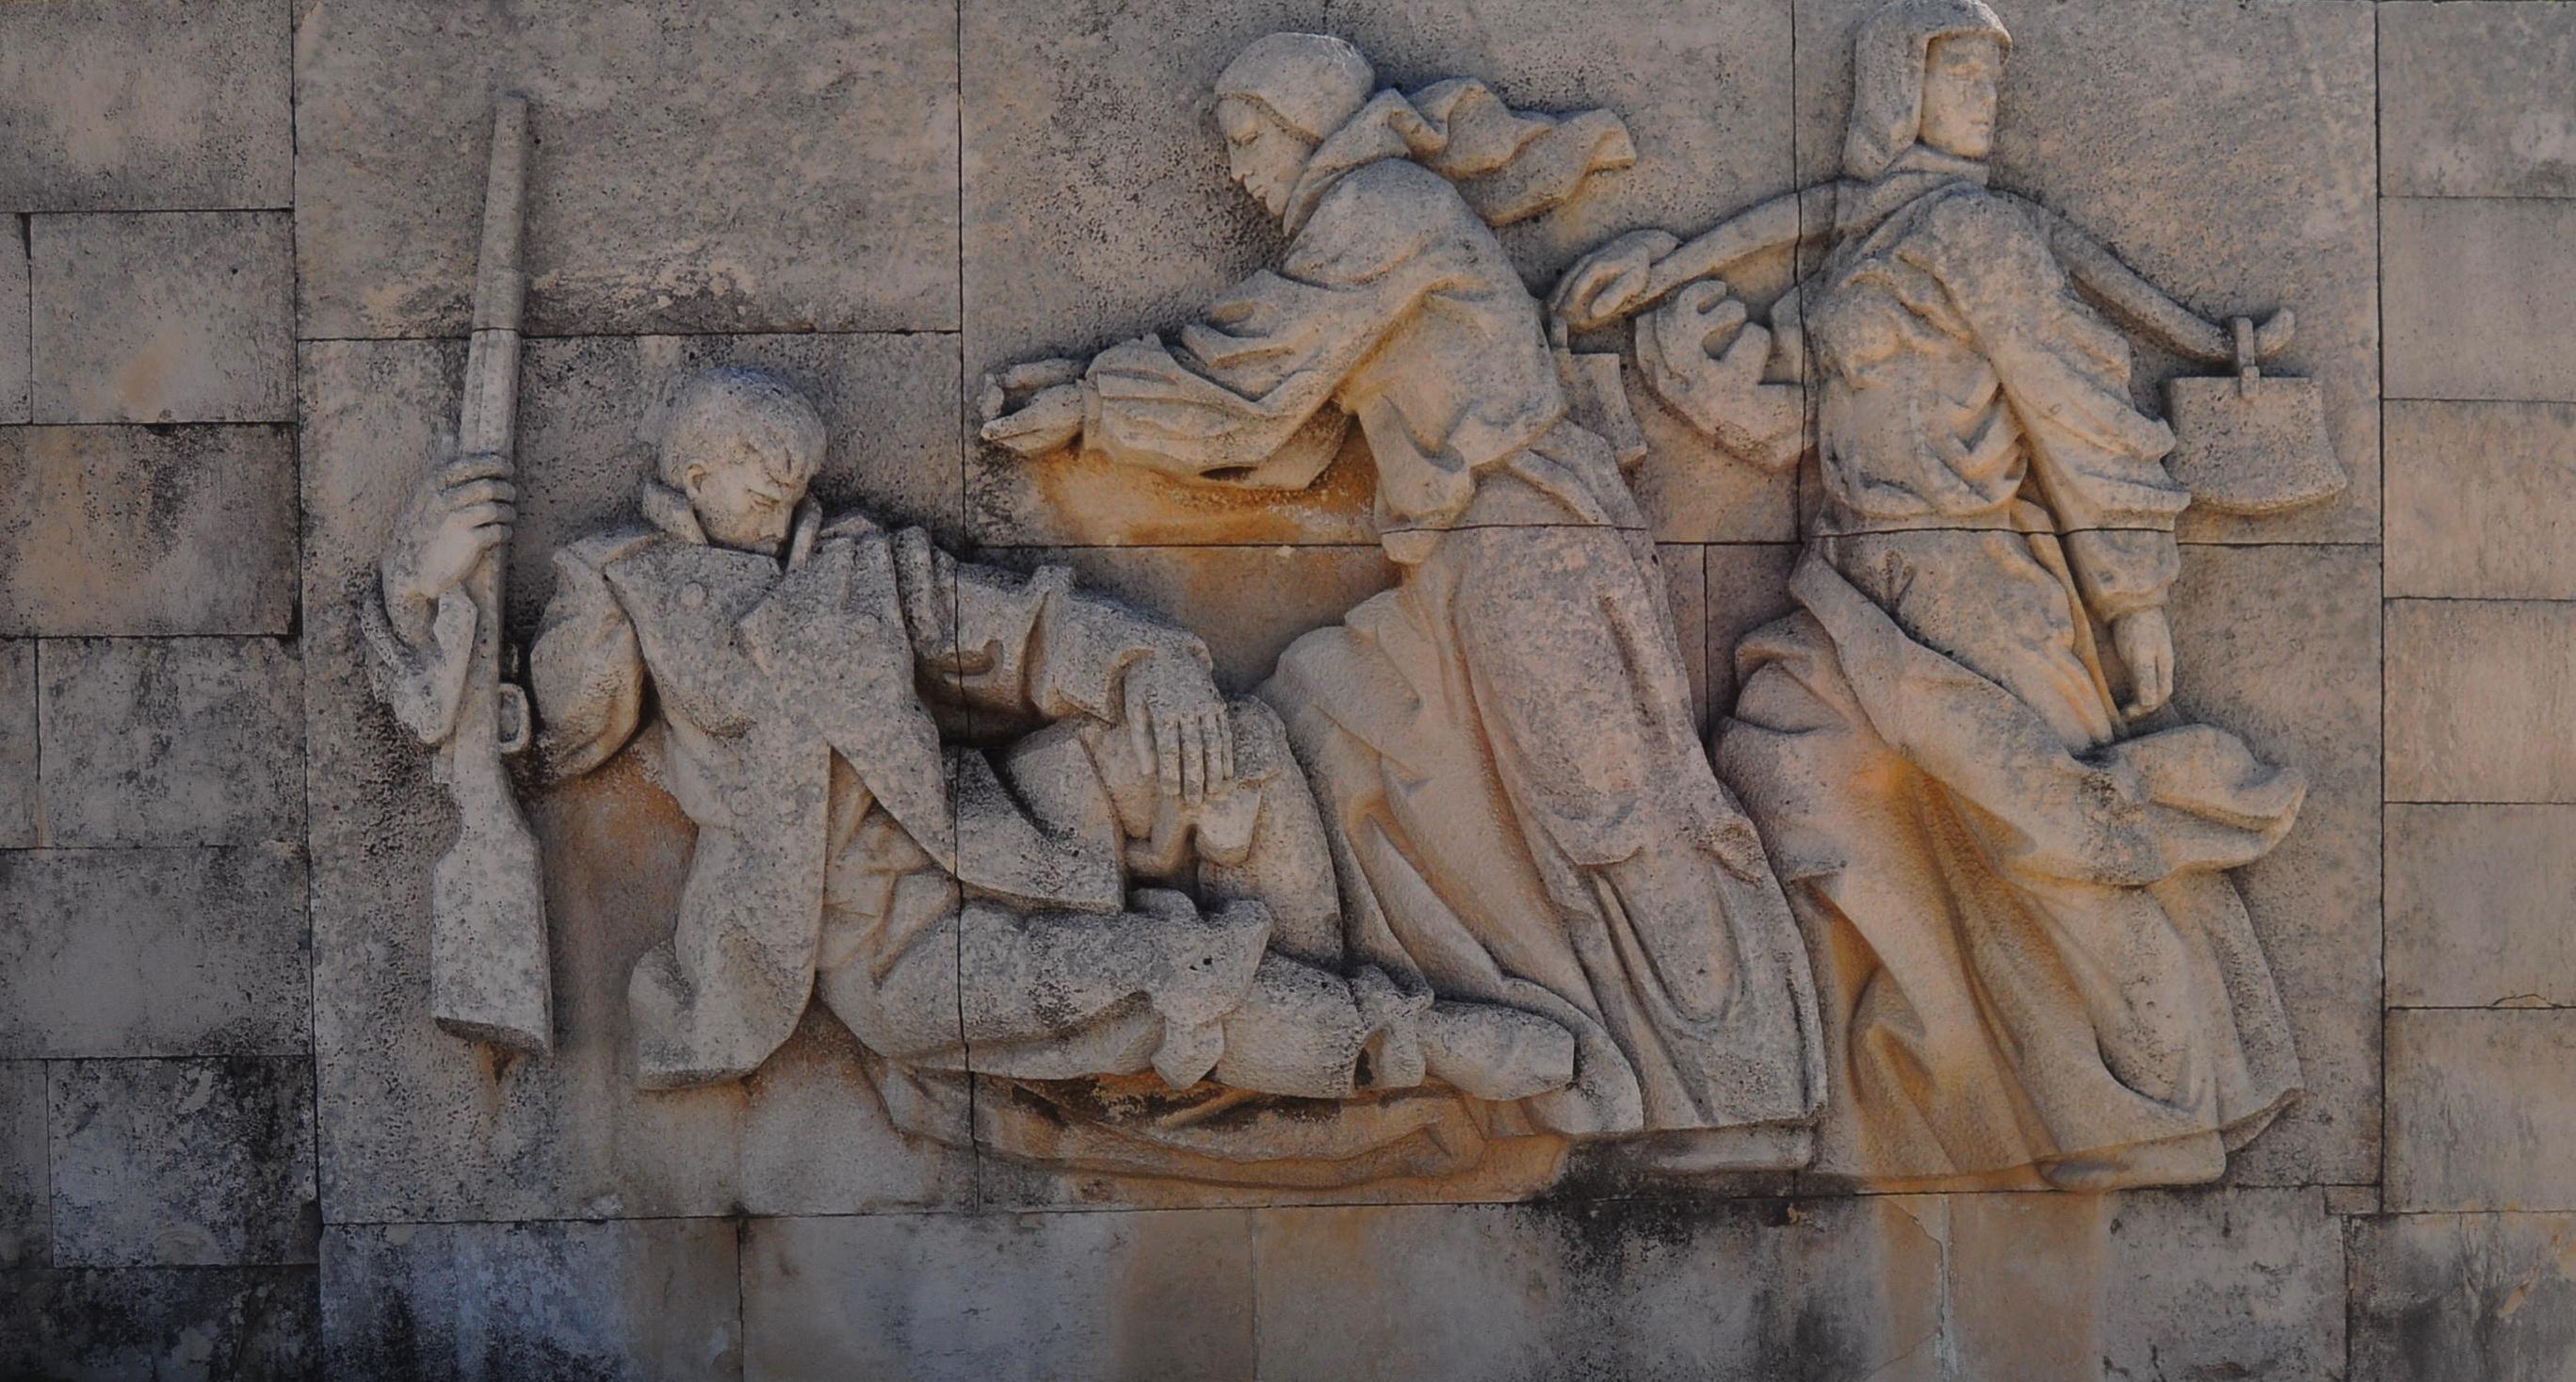 Sculptură ce ilustrează ajutorul dat de localnicii bulgari în timpul luptelor de la trecătoarea Shikpa